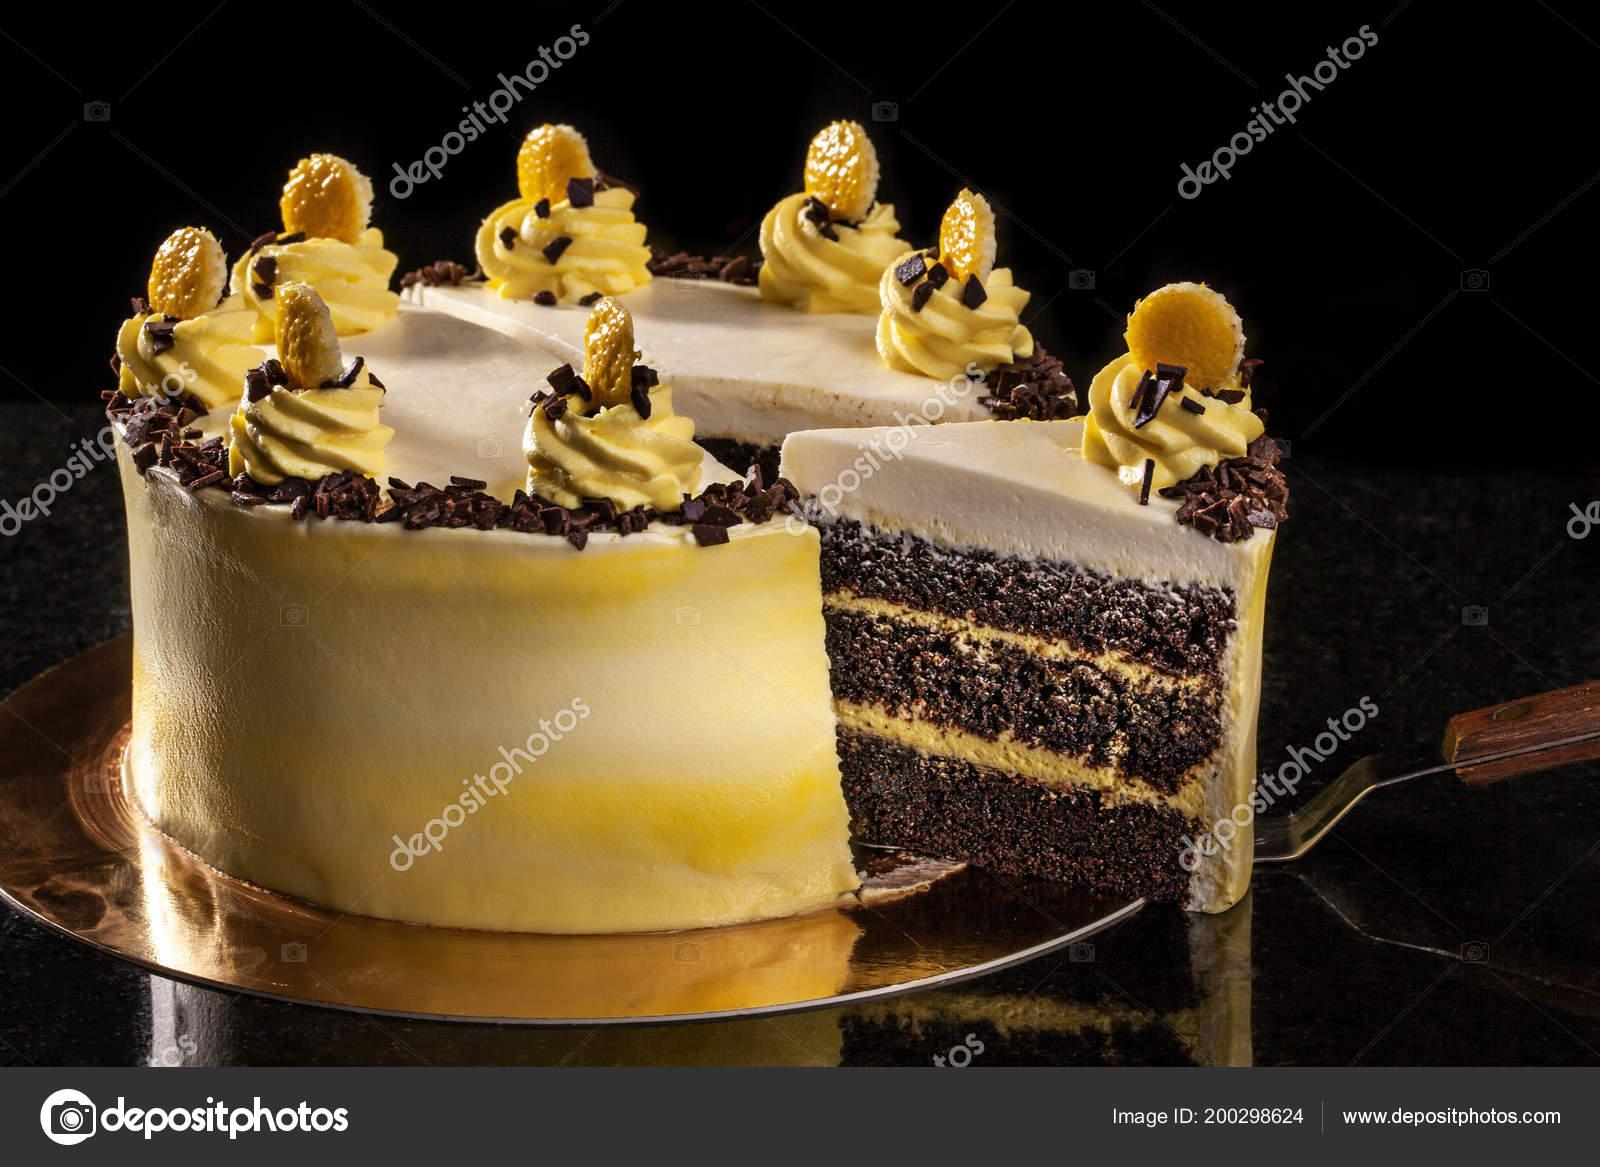 szülinapi torta diszitések Kerek sárga születésnapi torta. Dekoratív krém díszítések a tortán  szülinapi torta diszitések